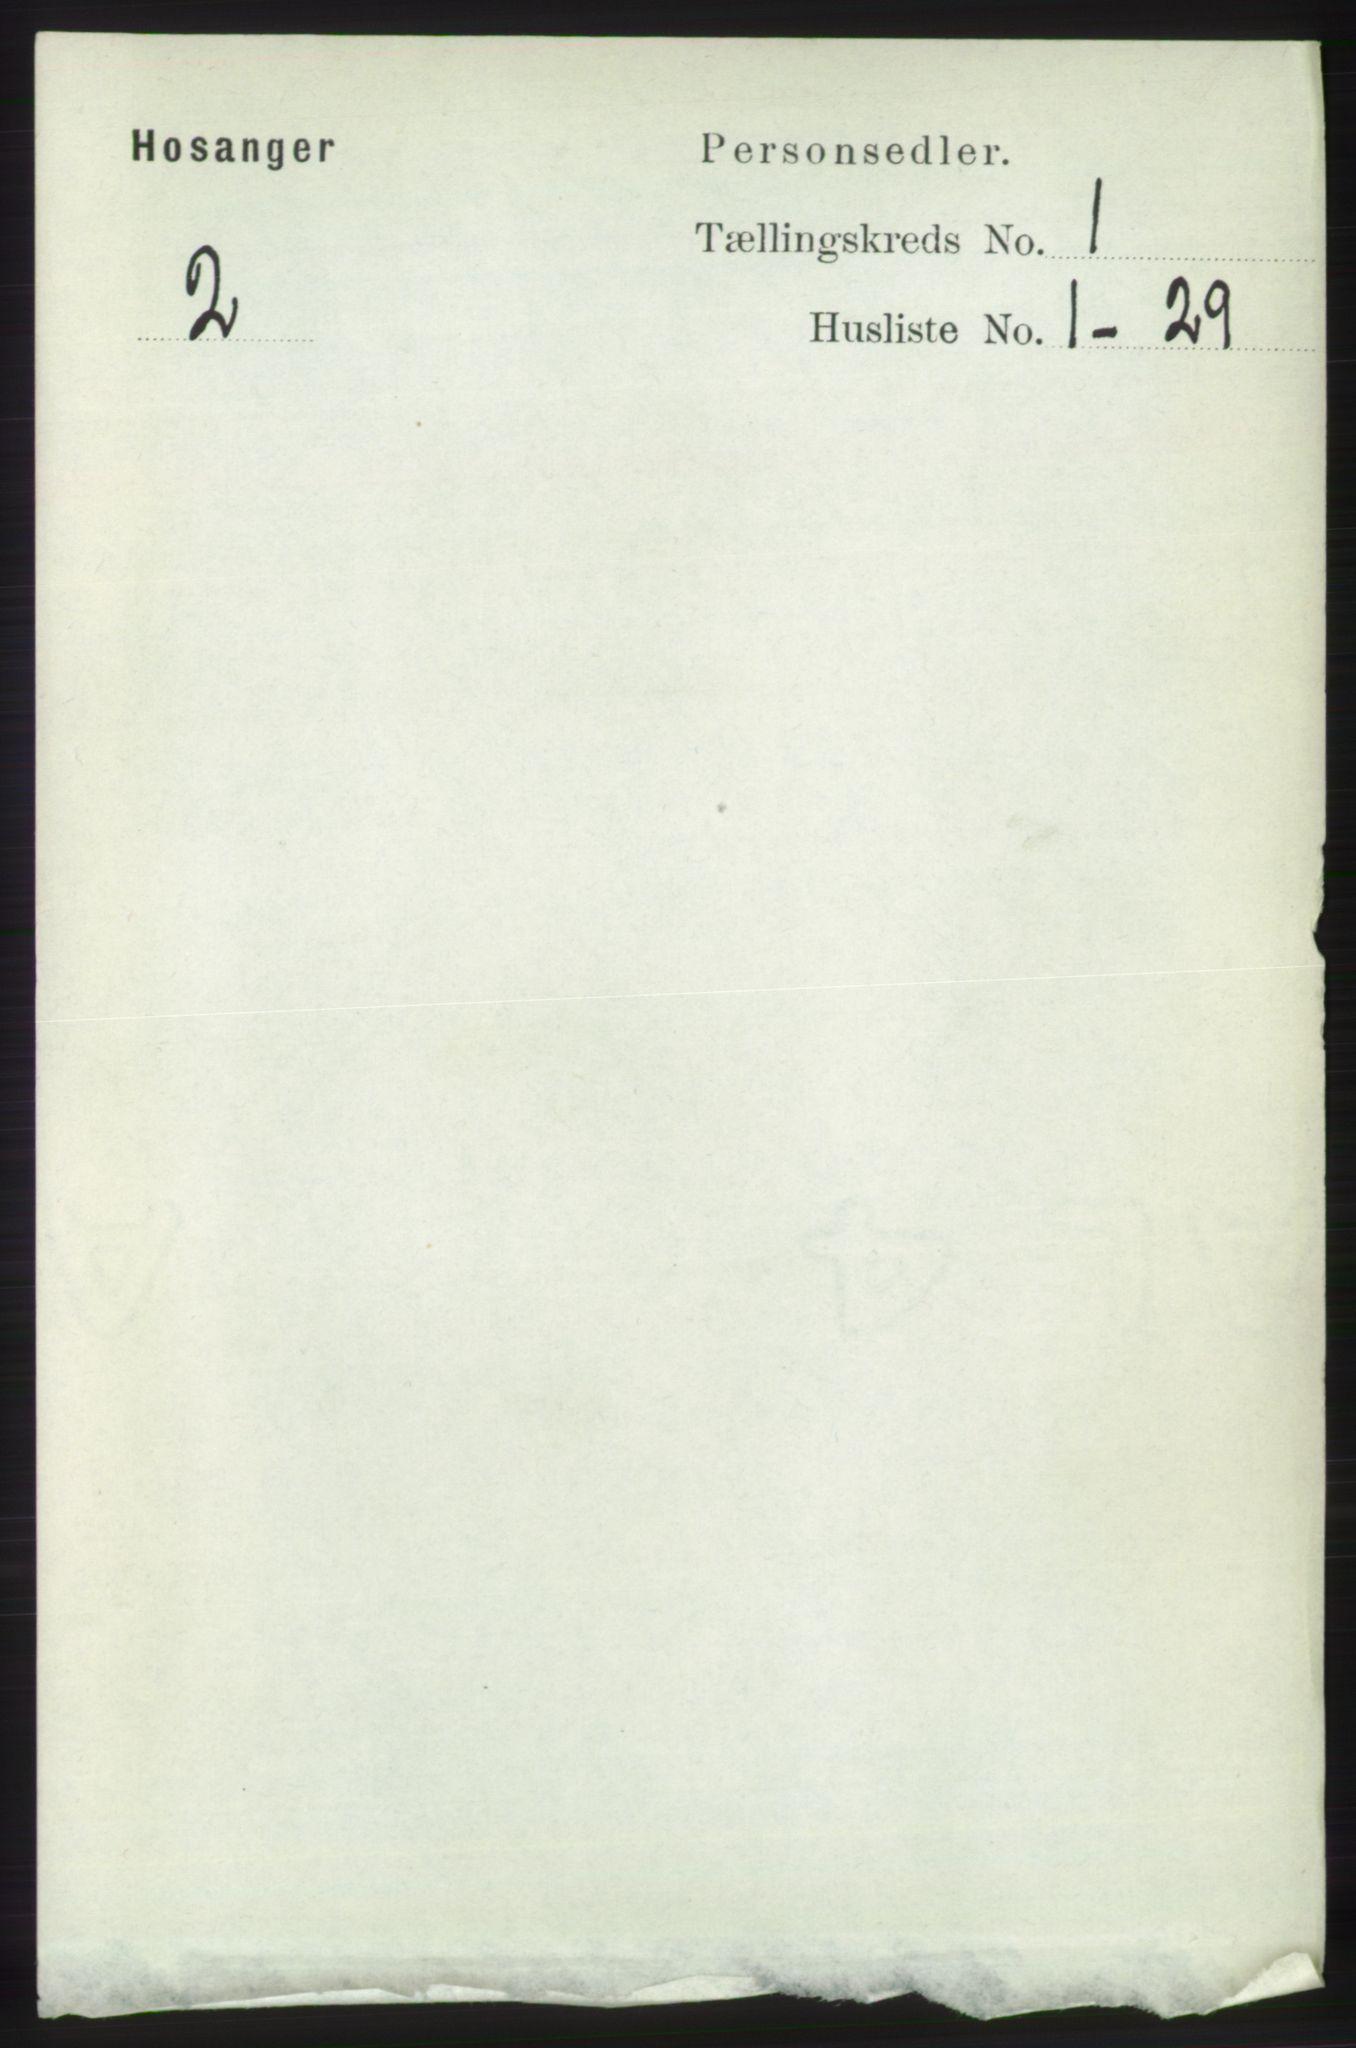 RA, Folketelling 1891 for 1253 Hosanger herred, 1891, s. 94